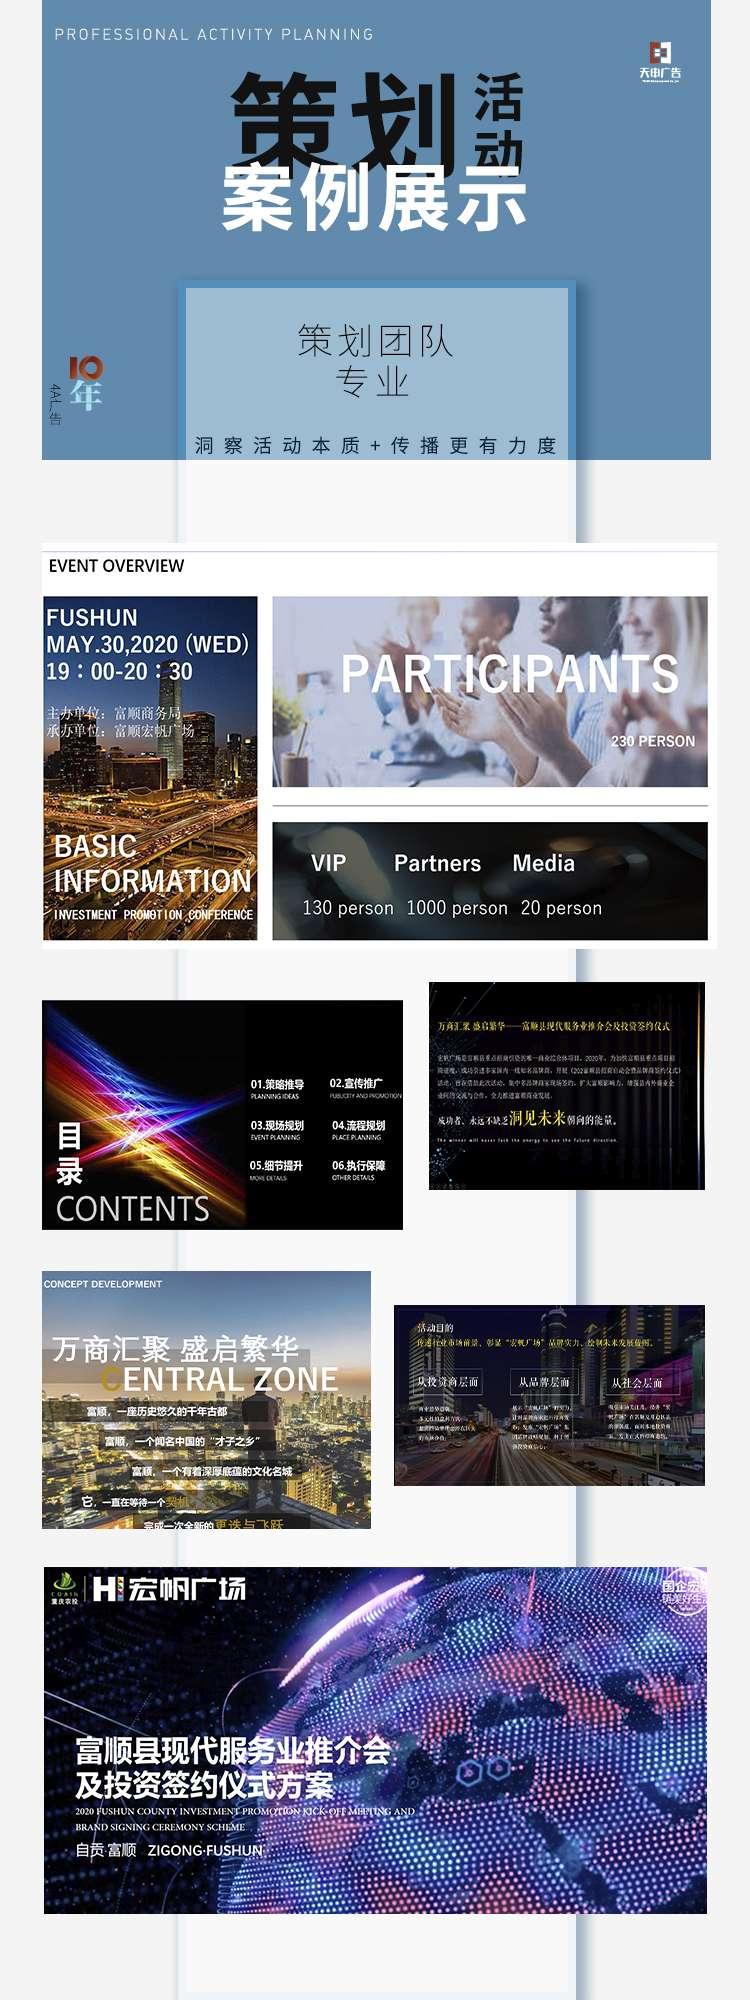 【天申广告】活动策划事件营销发布会品牌节事演出庆典派对团建_商务服务>>庆典策划>>活动策划